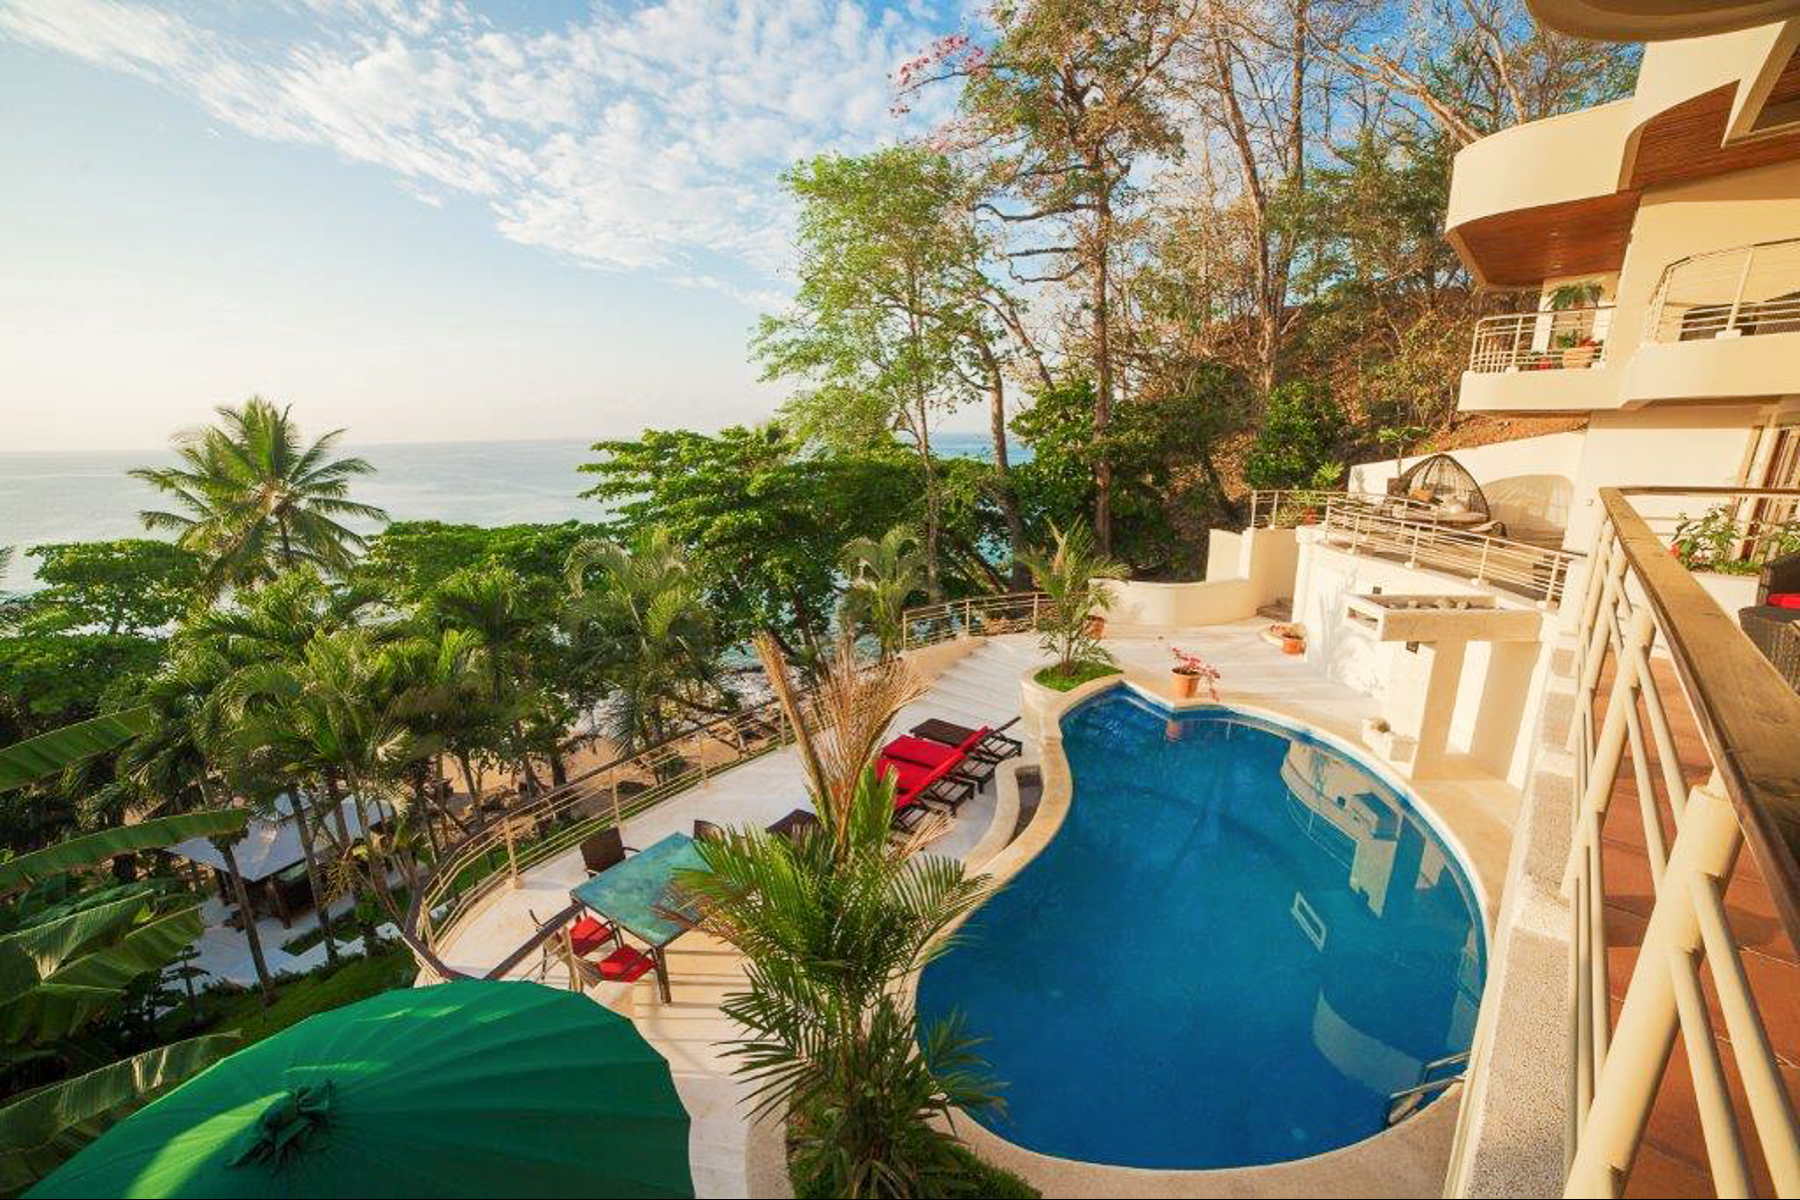 Terreno por un Venta en Oceanfront Luxury Villa Other Puntarenas, Puntarenas Costa Rica